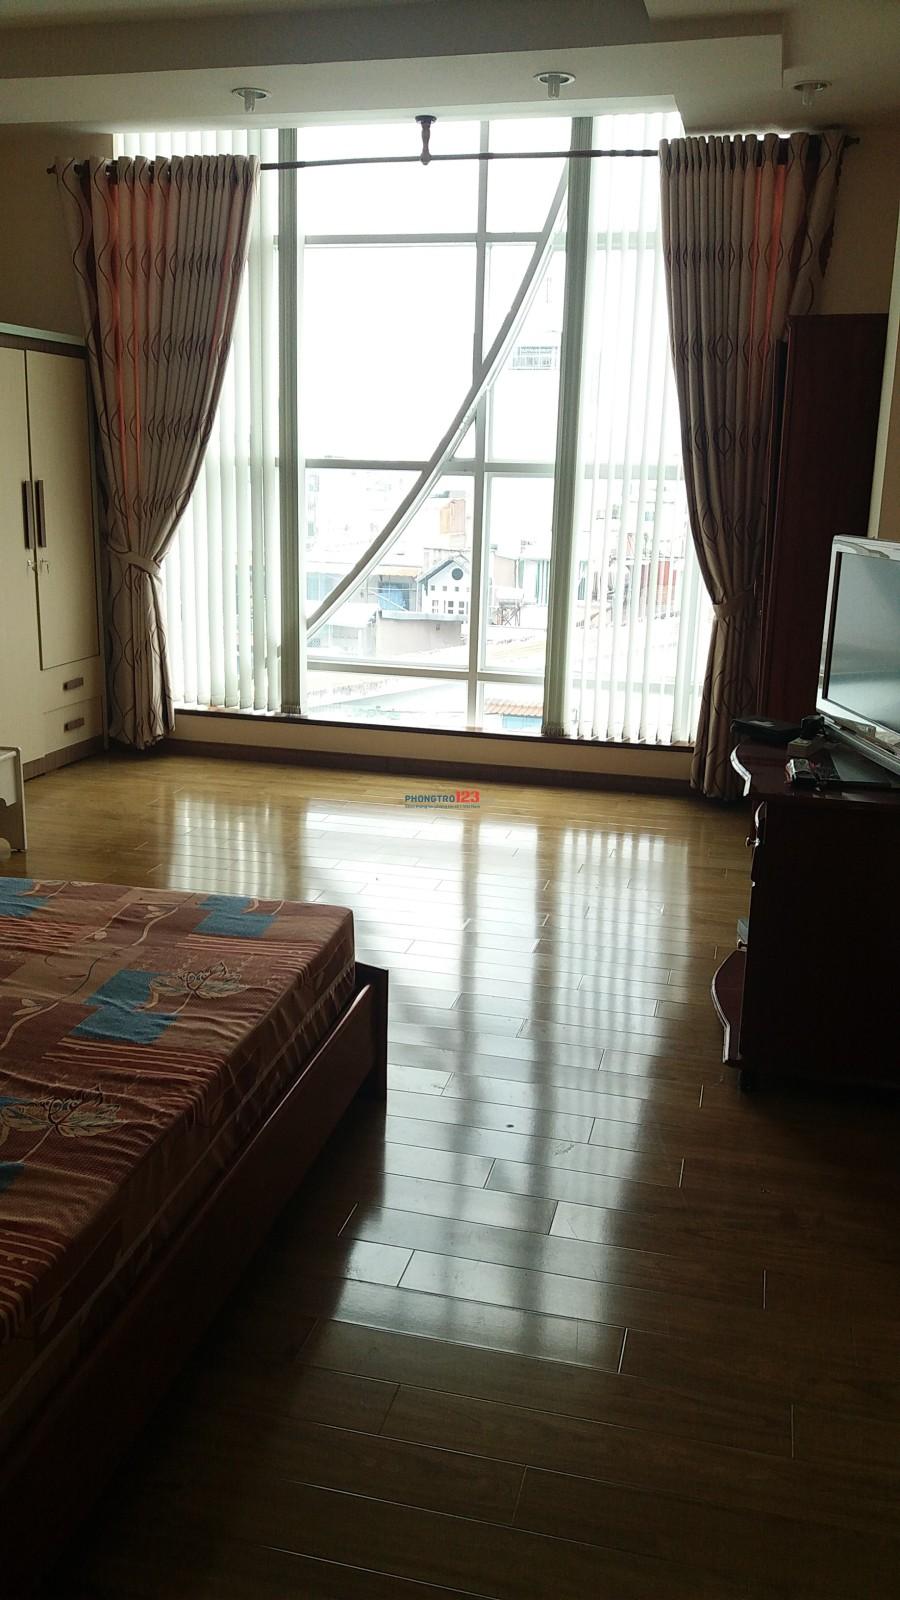 Cần người ở ghép nhà đẹp 750k/ tháng, 330 Cao Đạt, phường 1, Quận 5